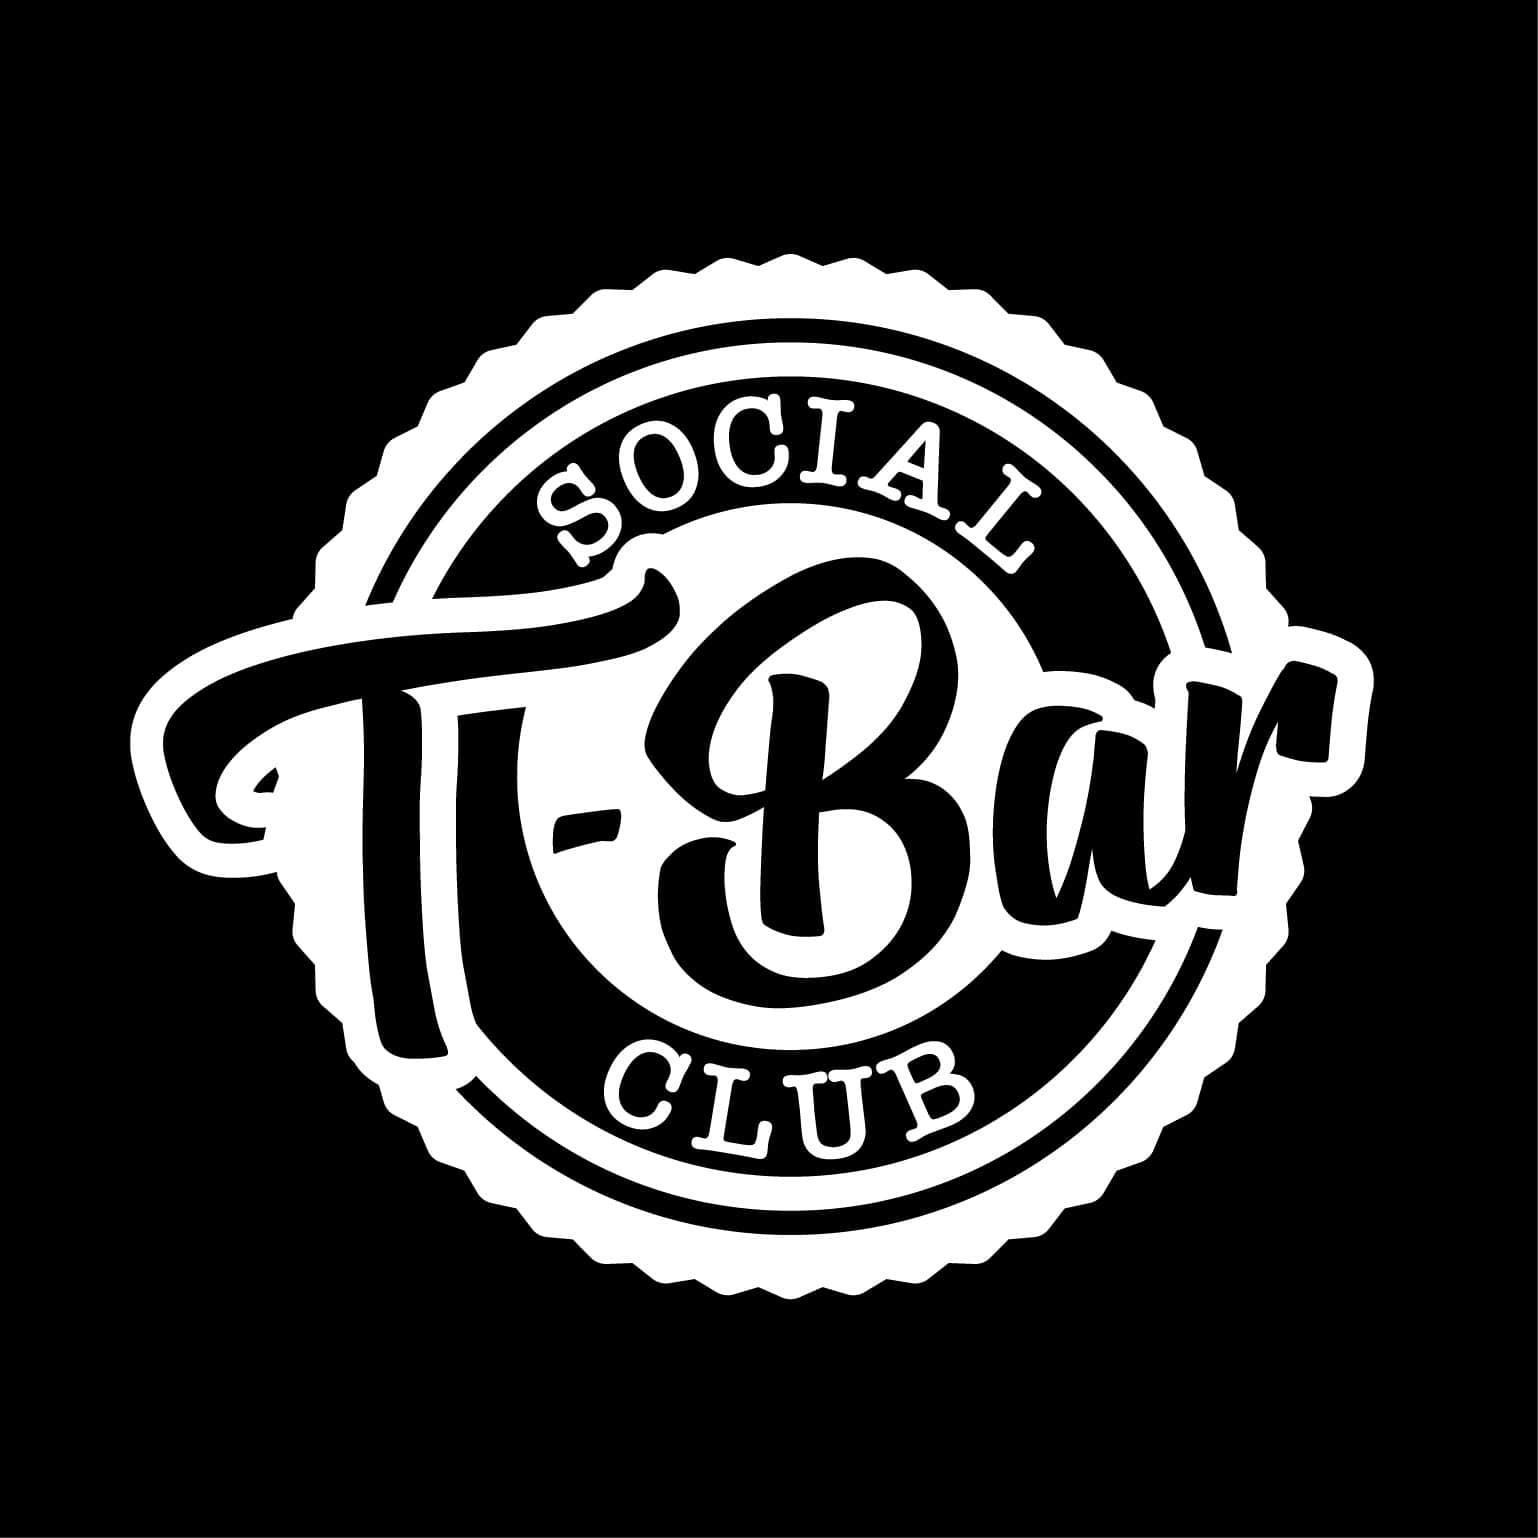 June lake, t-bar social club, june